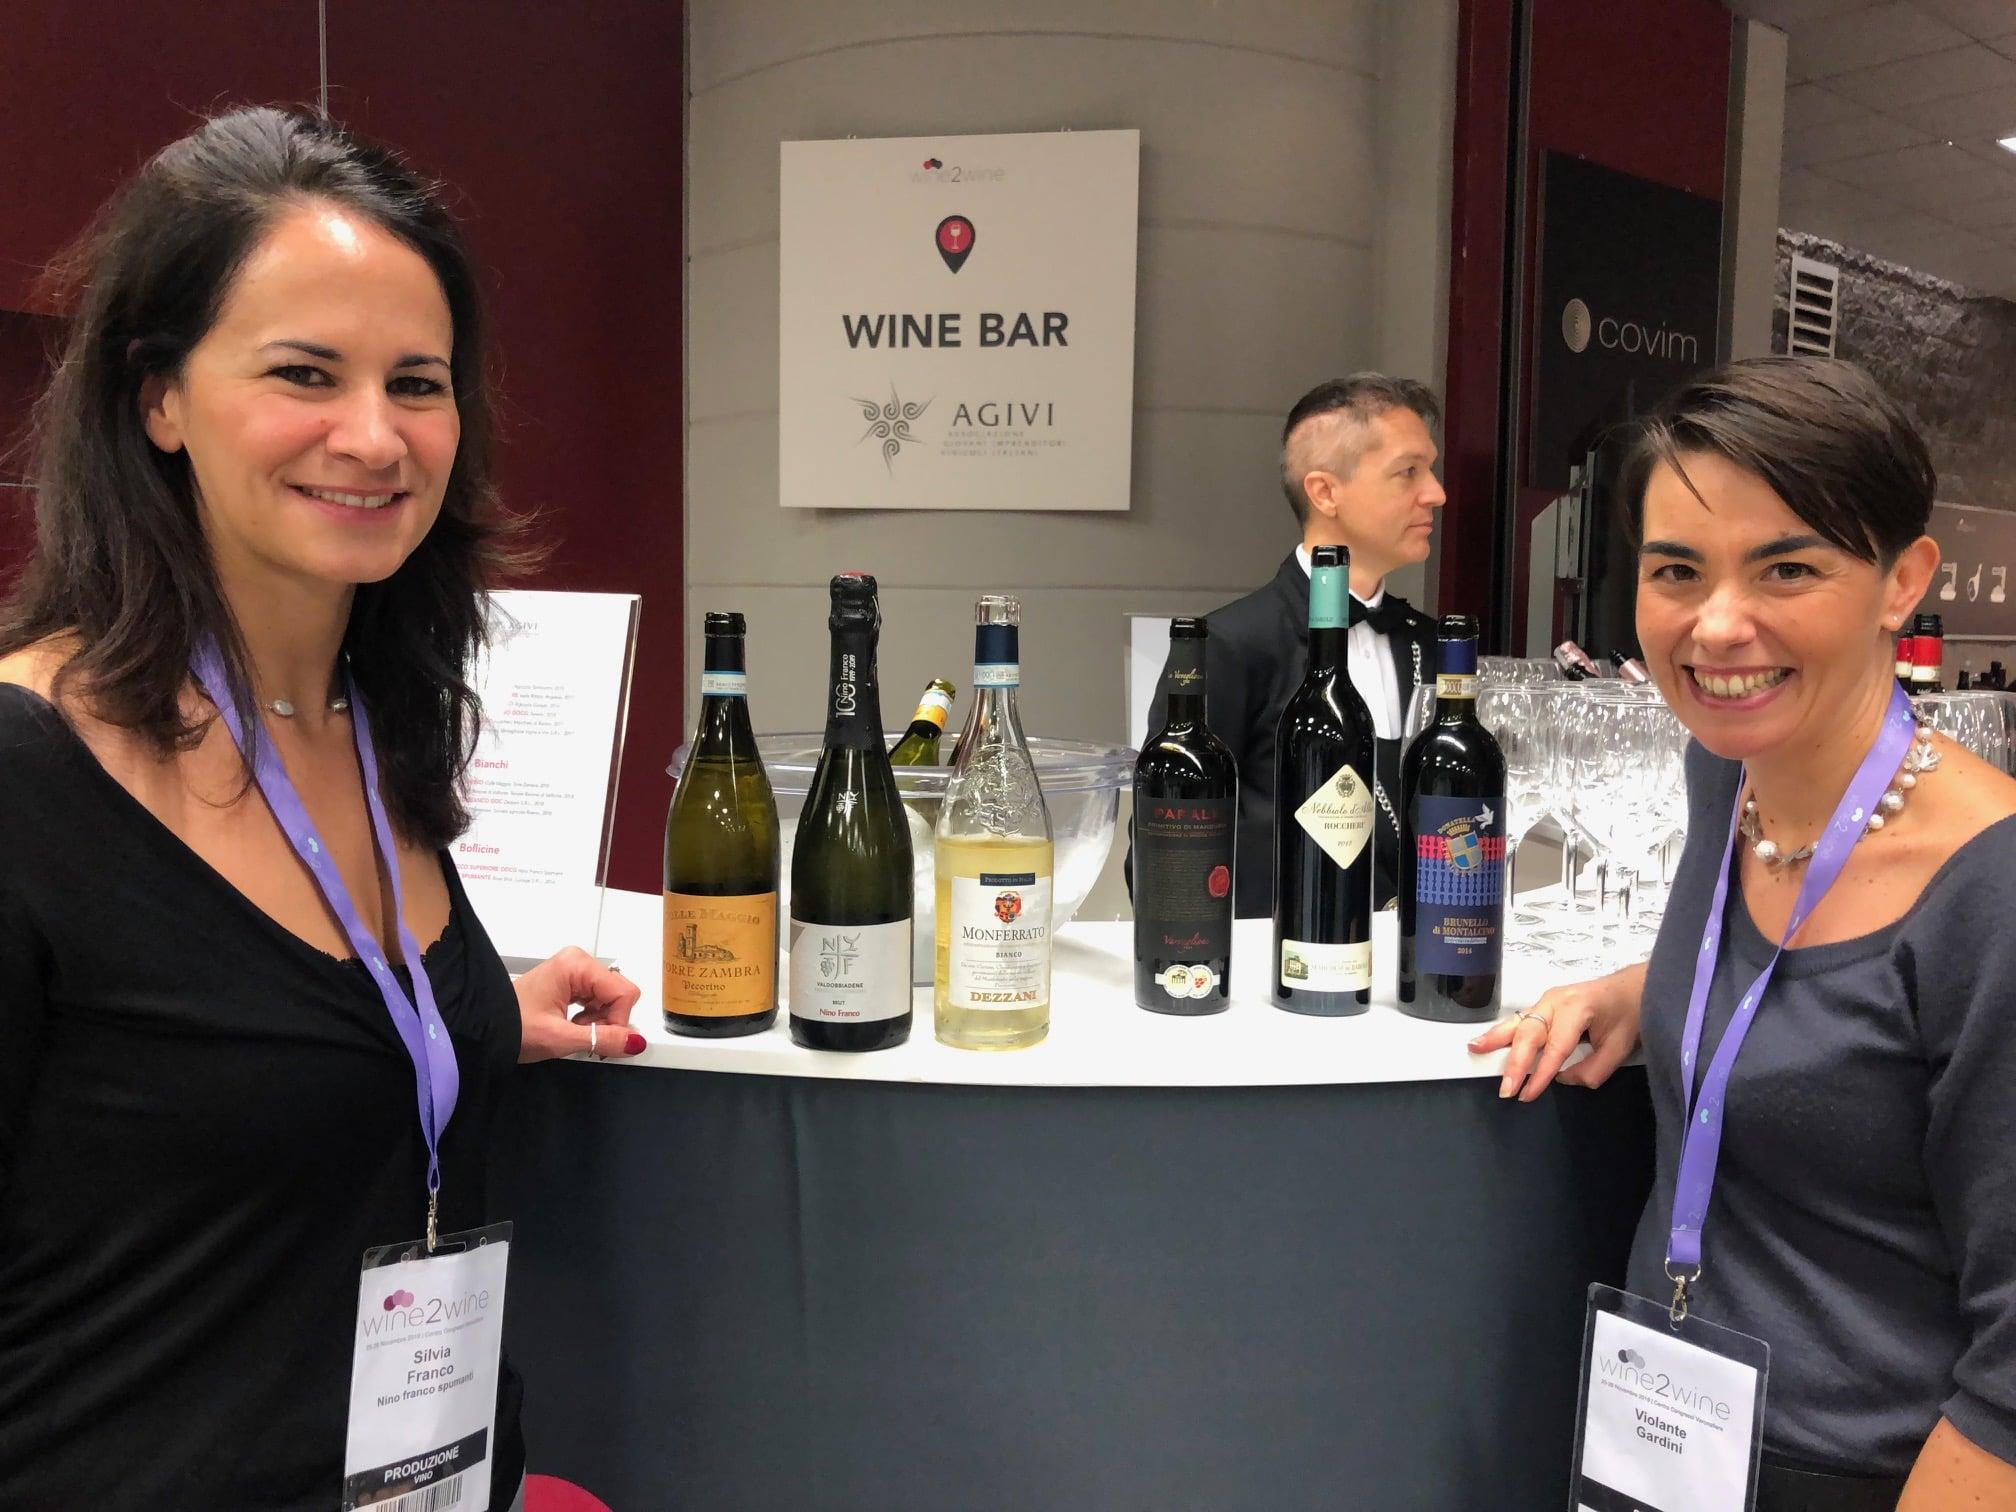 wine2wine-sonia-franco-violante-gardini-cinellicolombini